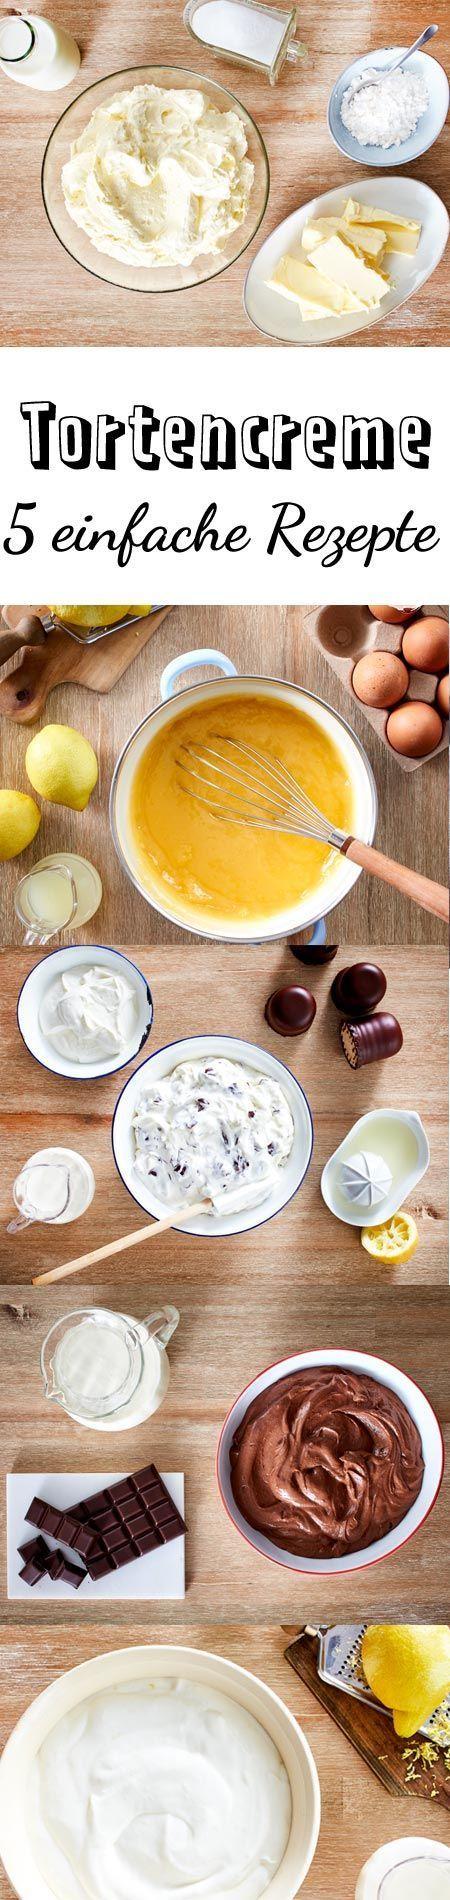 Tortencreme - 5 einfache Rezepte | Deine torte, Tortencreme und ...